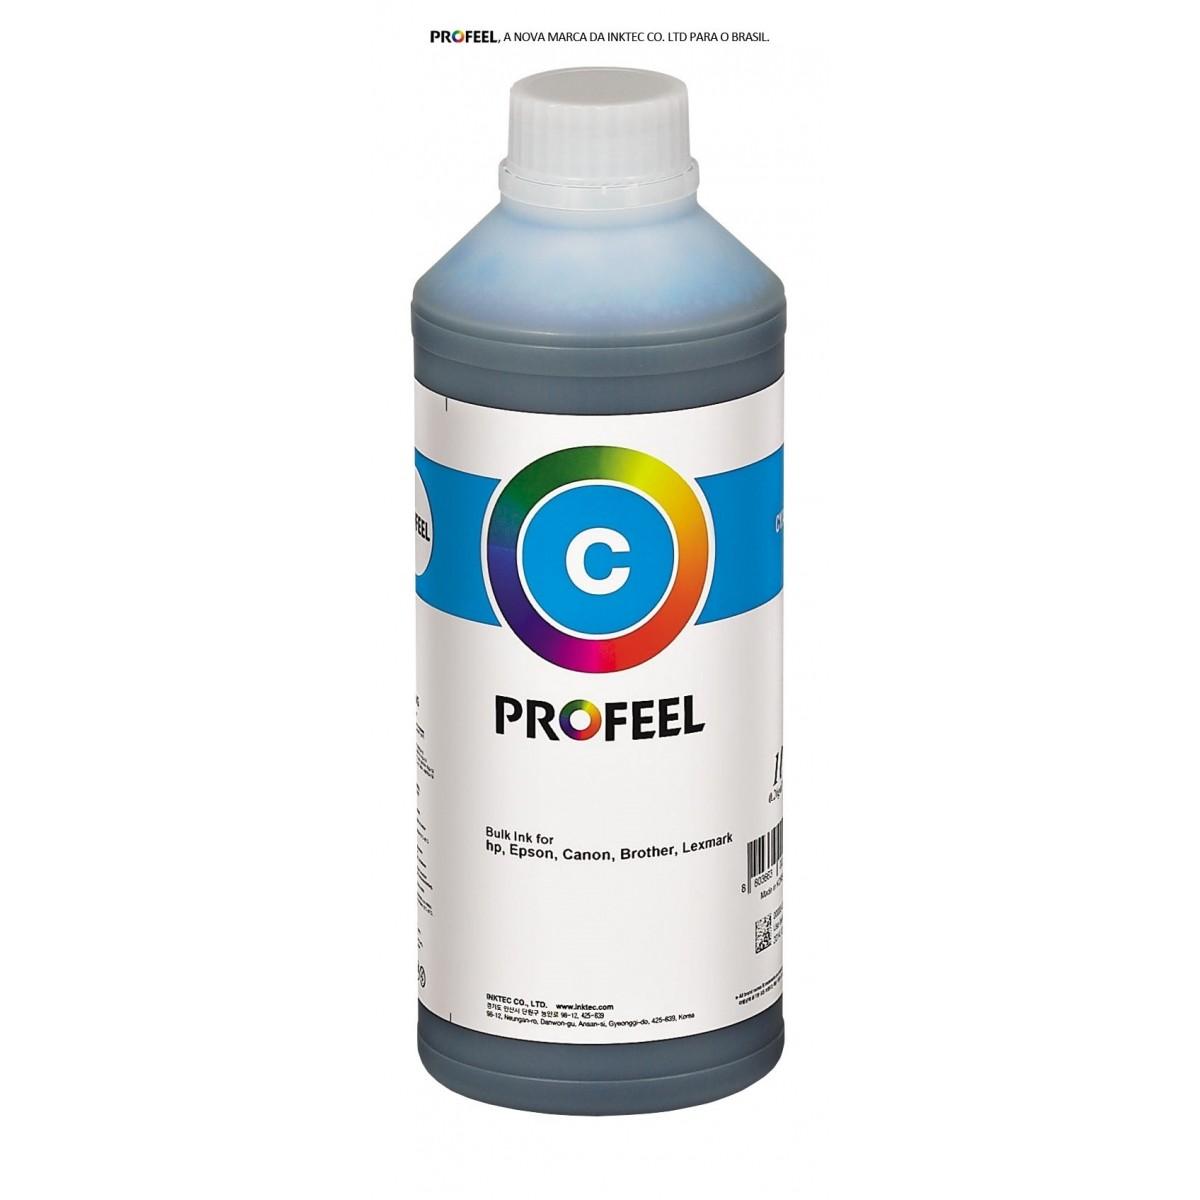 Tinta corante InkTec Profeel para Brother | modelo B1100-01LC | Frasco de 1 litro | Cor : Ciano